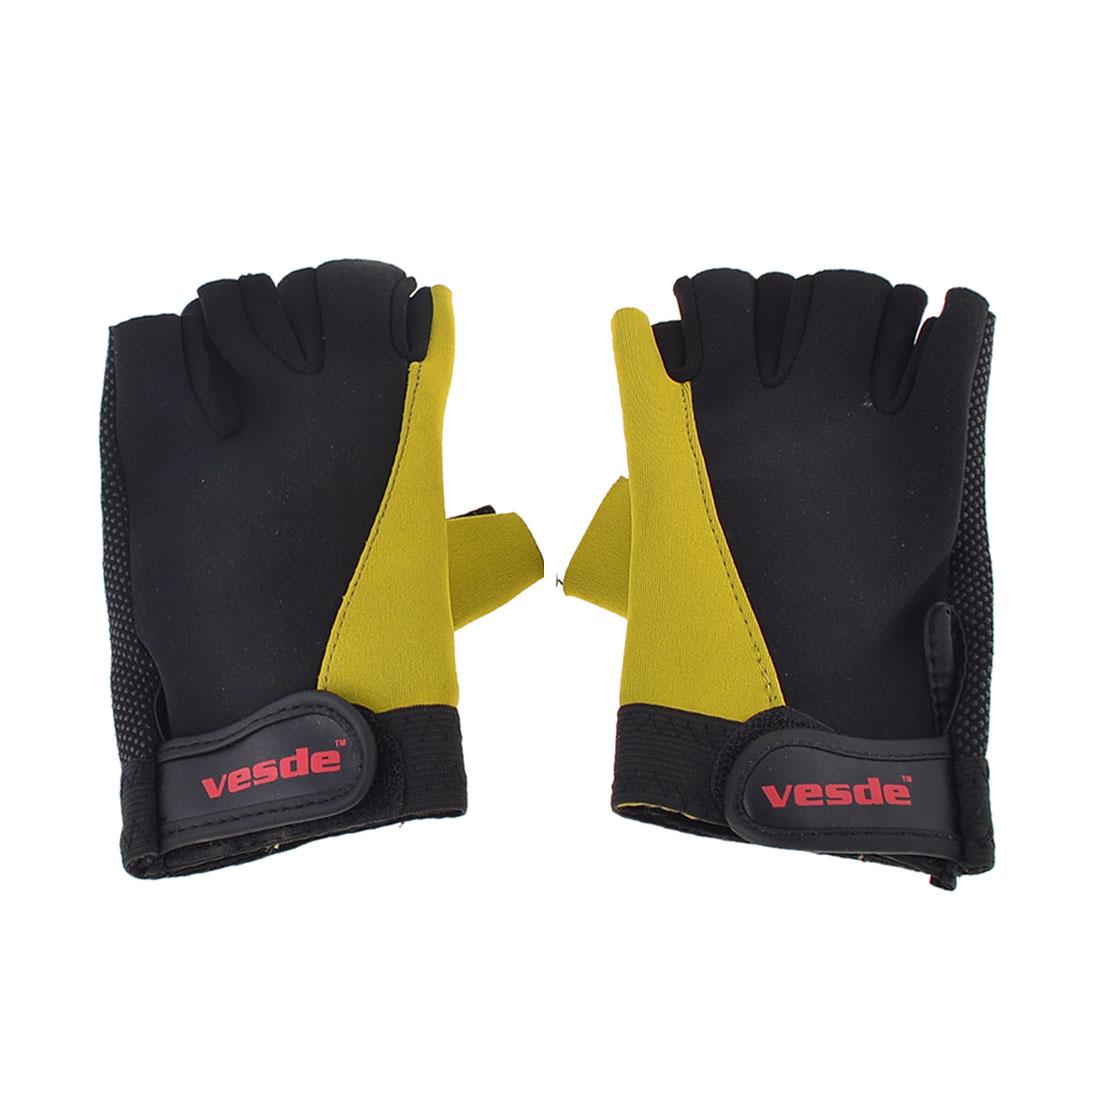 Pair Fingerless Nonslip Bike Skiing Sports Gloves Yellow Black for Man